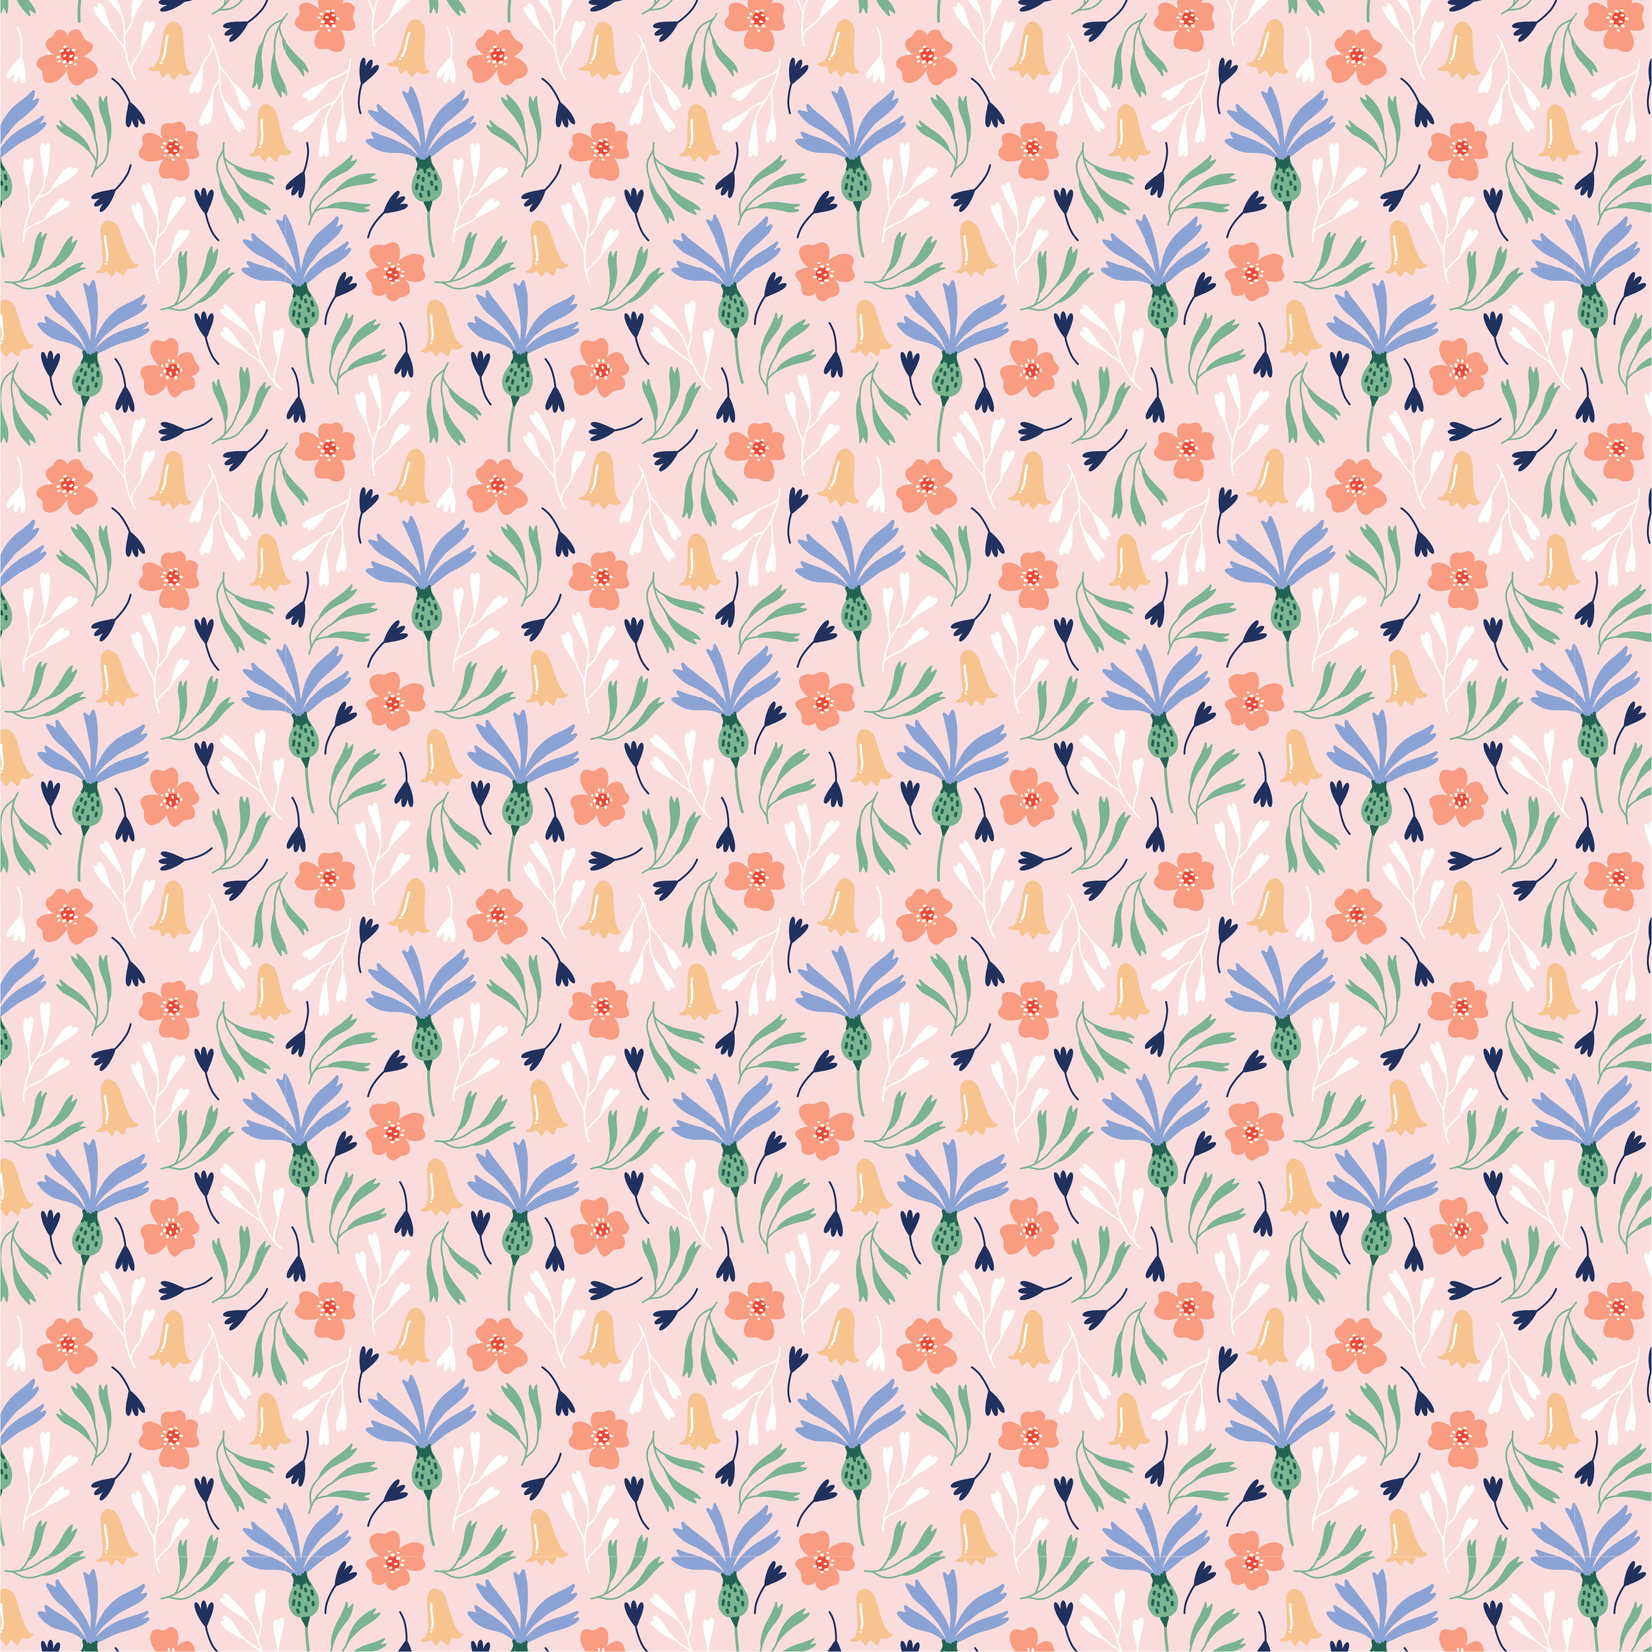 TVD Spring Wildflowers